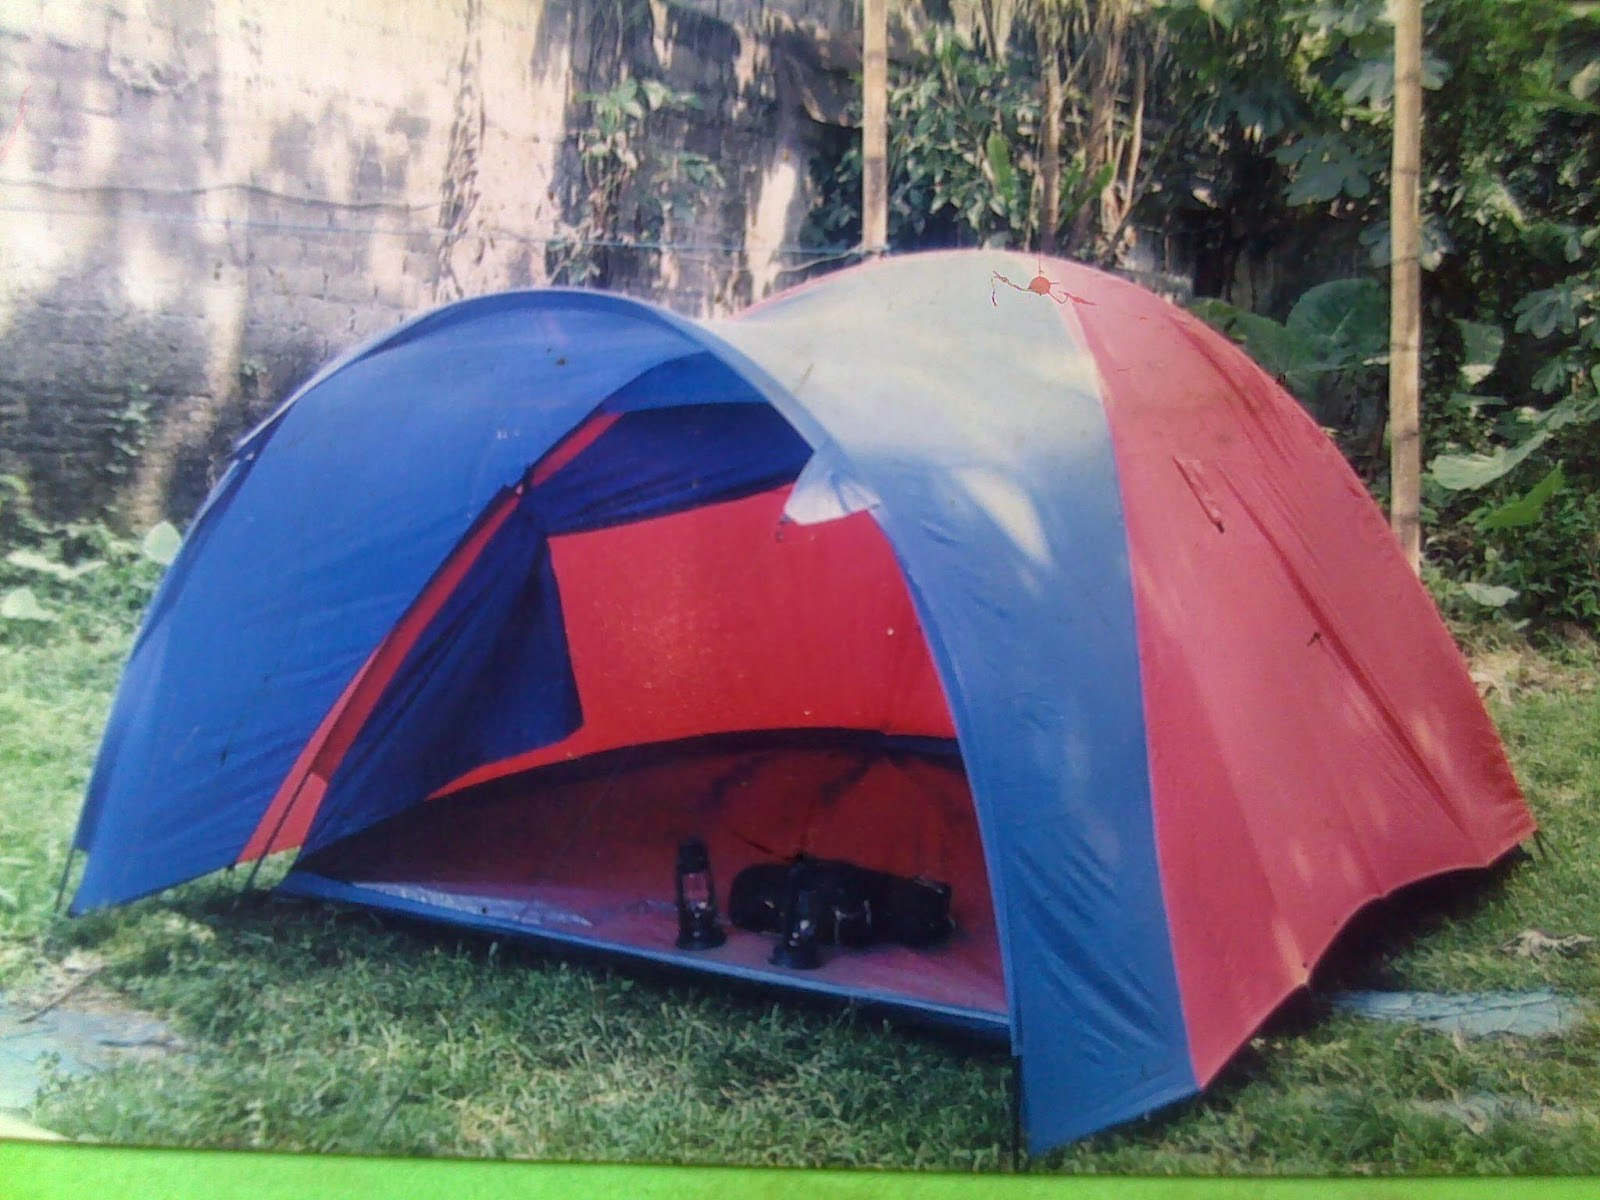 Green Camp Daftar Harga Sewa Produk Tenda Dome Kapasitas 6 Orang Citarum 350x250m